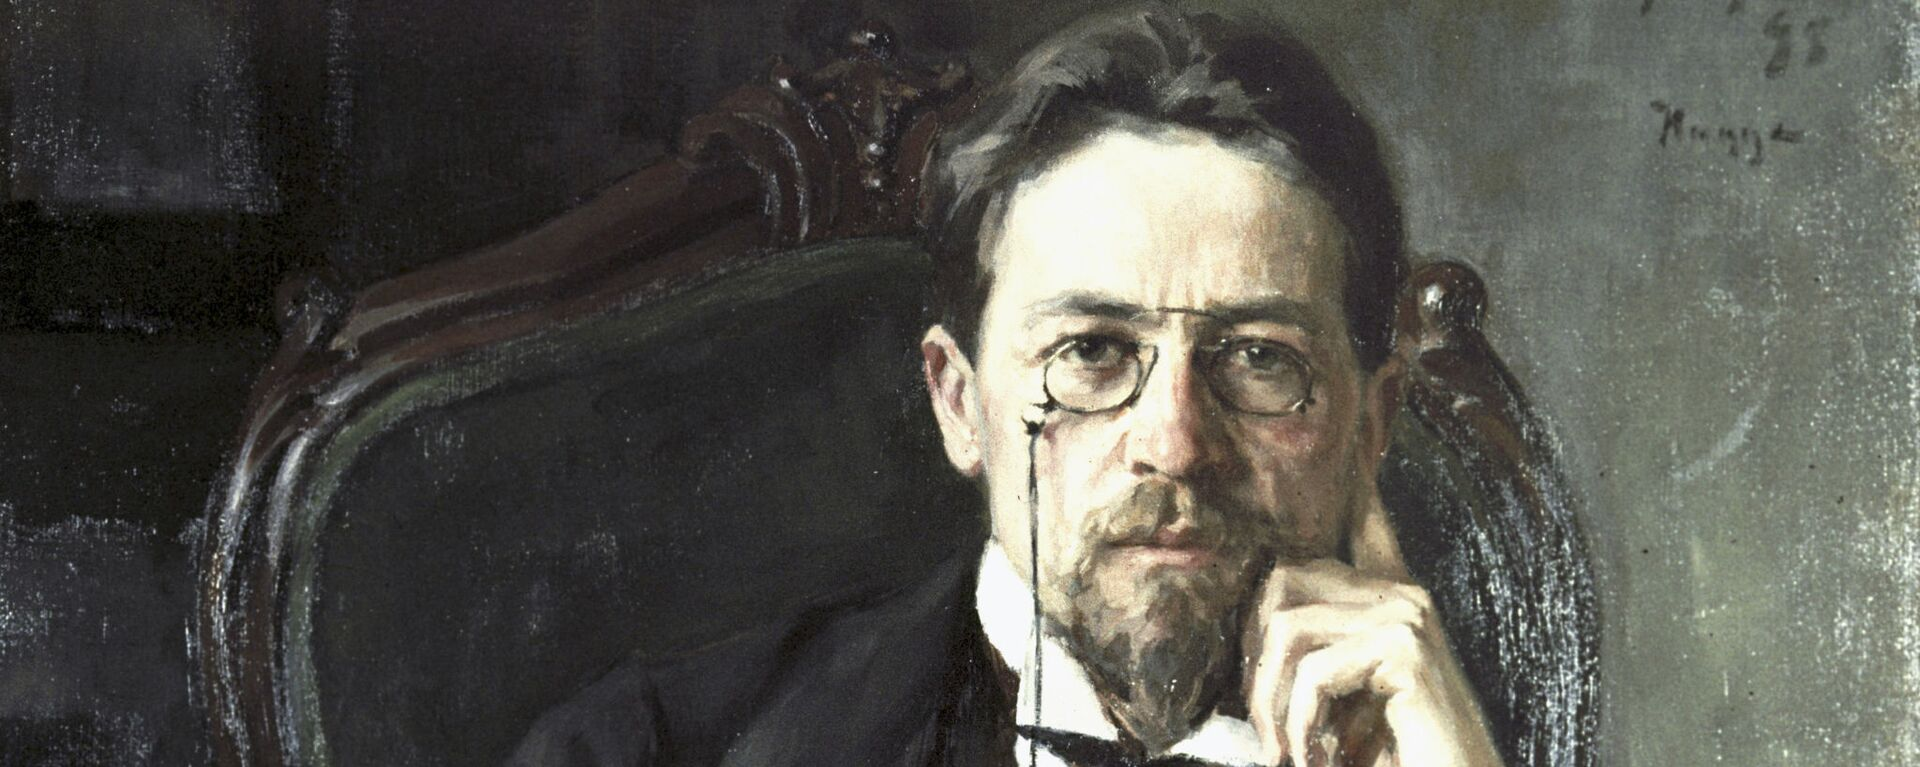 Retrato del dramaturgo ruso Antón Chéjov - Sputnik Mundo, 1920, 28.01.2020